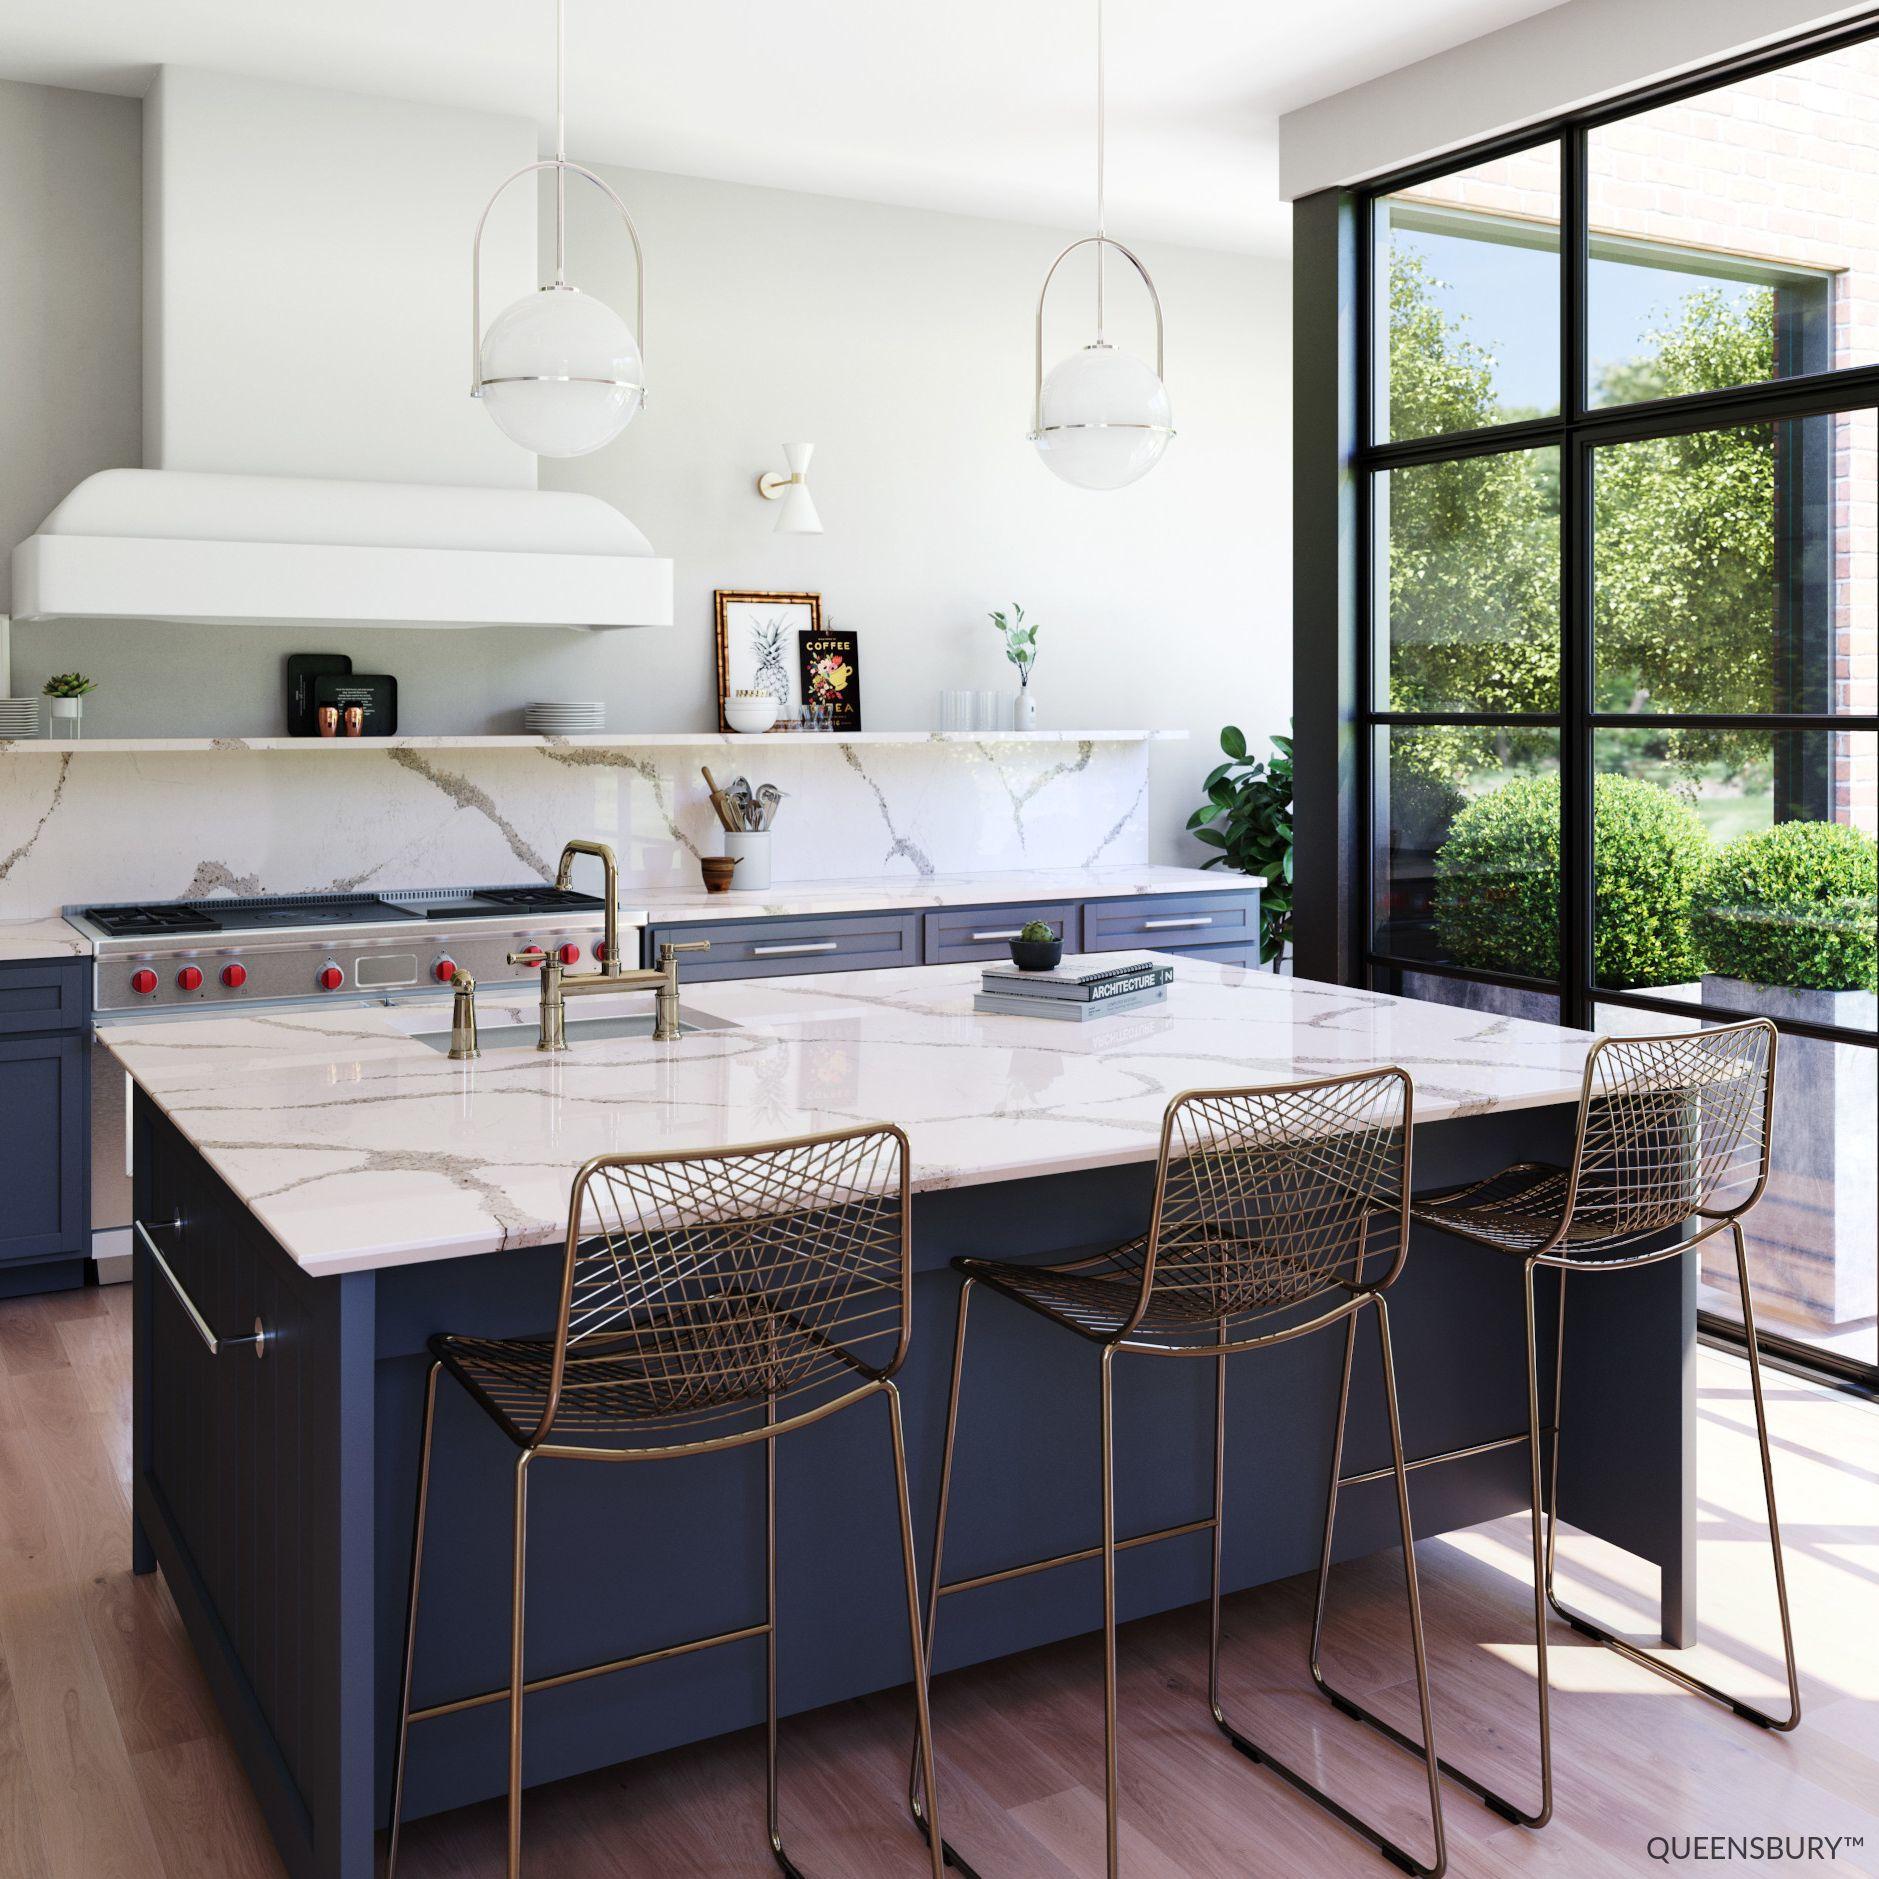 Cambria-Quartz-Countertops-Queensbury-Kitchen